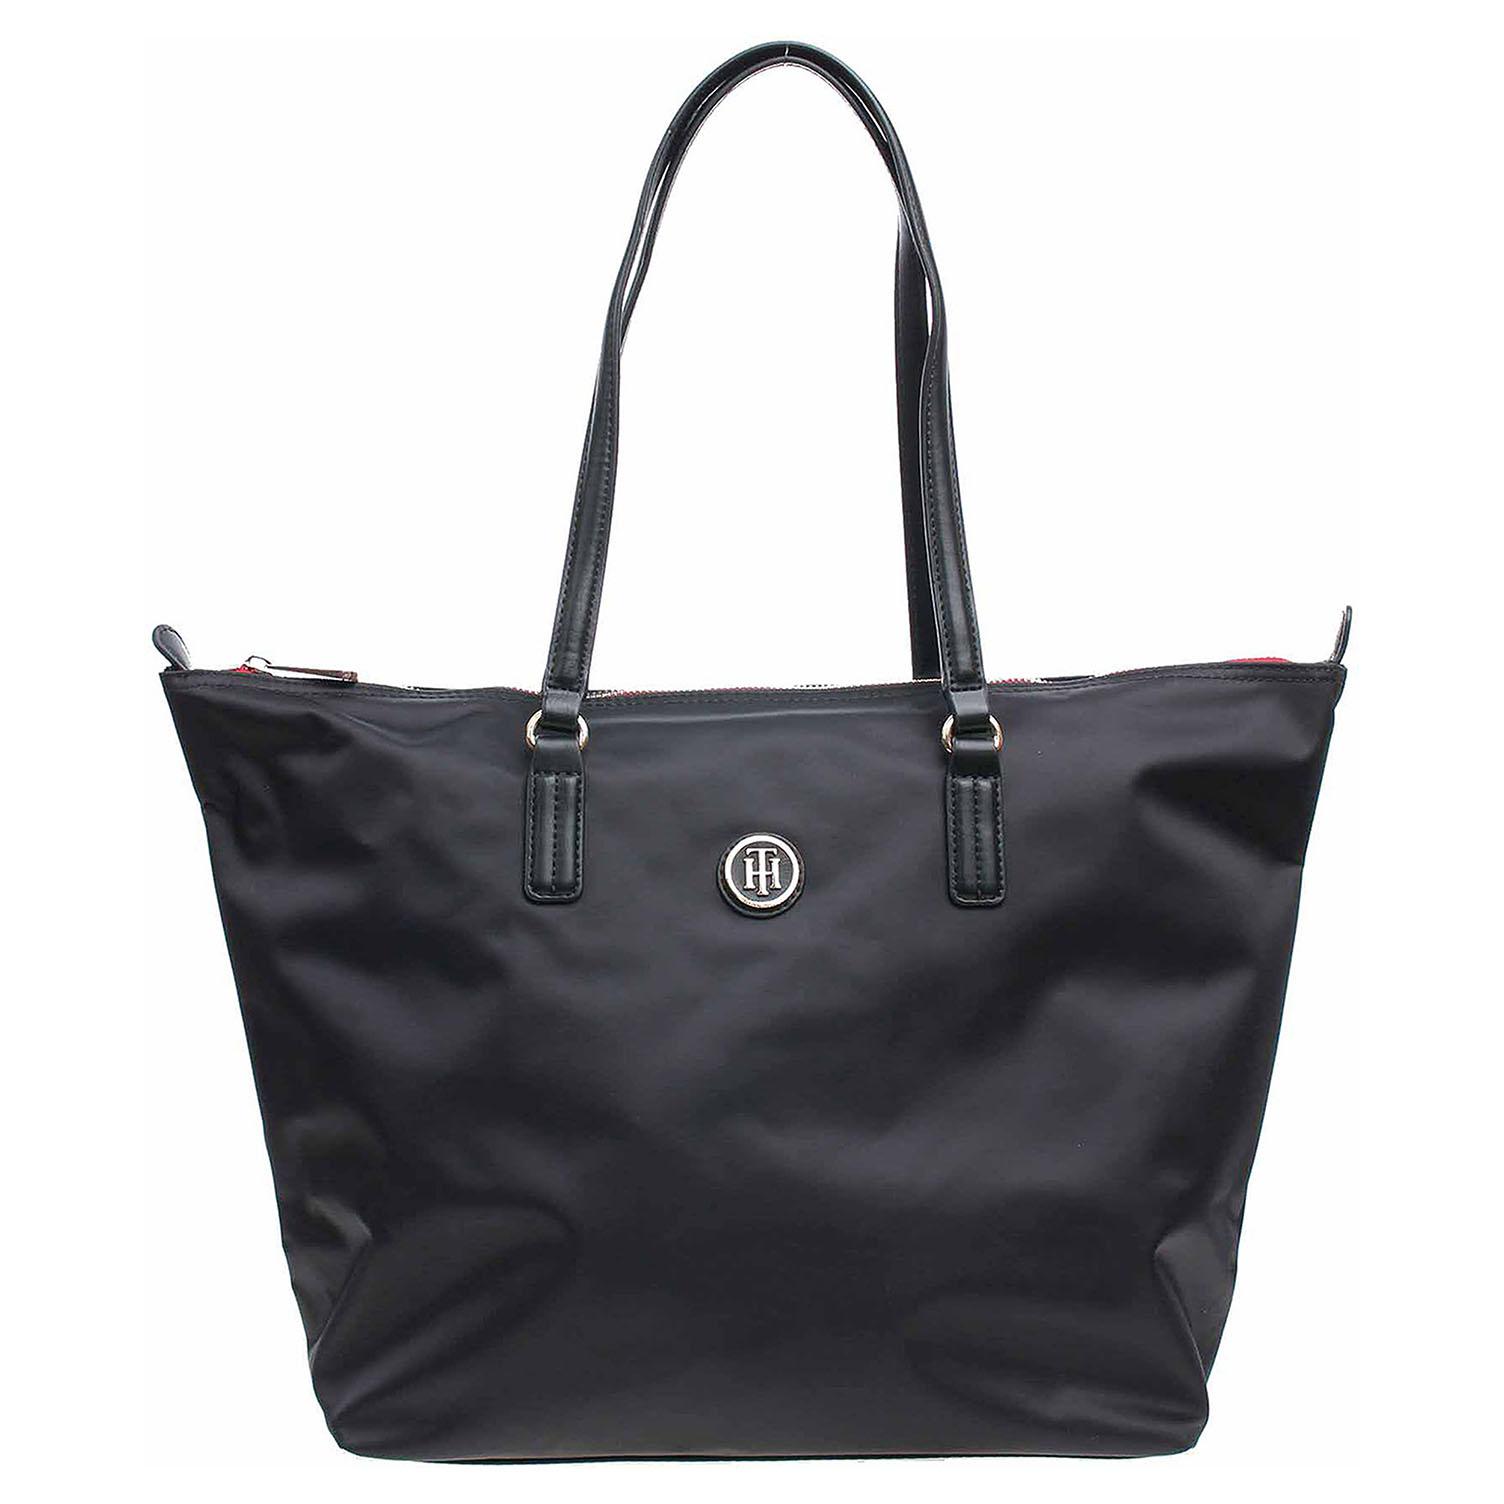 Tommy Hilfiger dámská taška AW0AW04302 black AW0AW04302 002 1